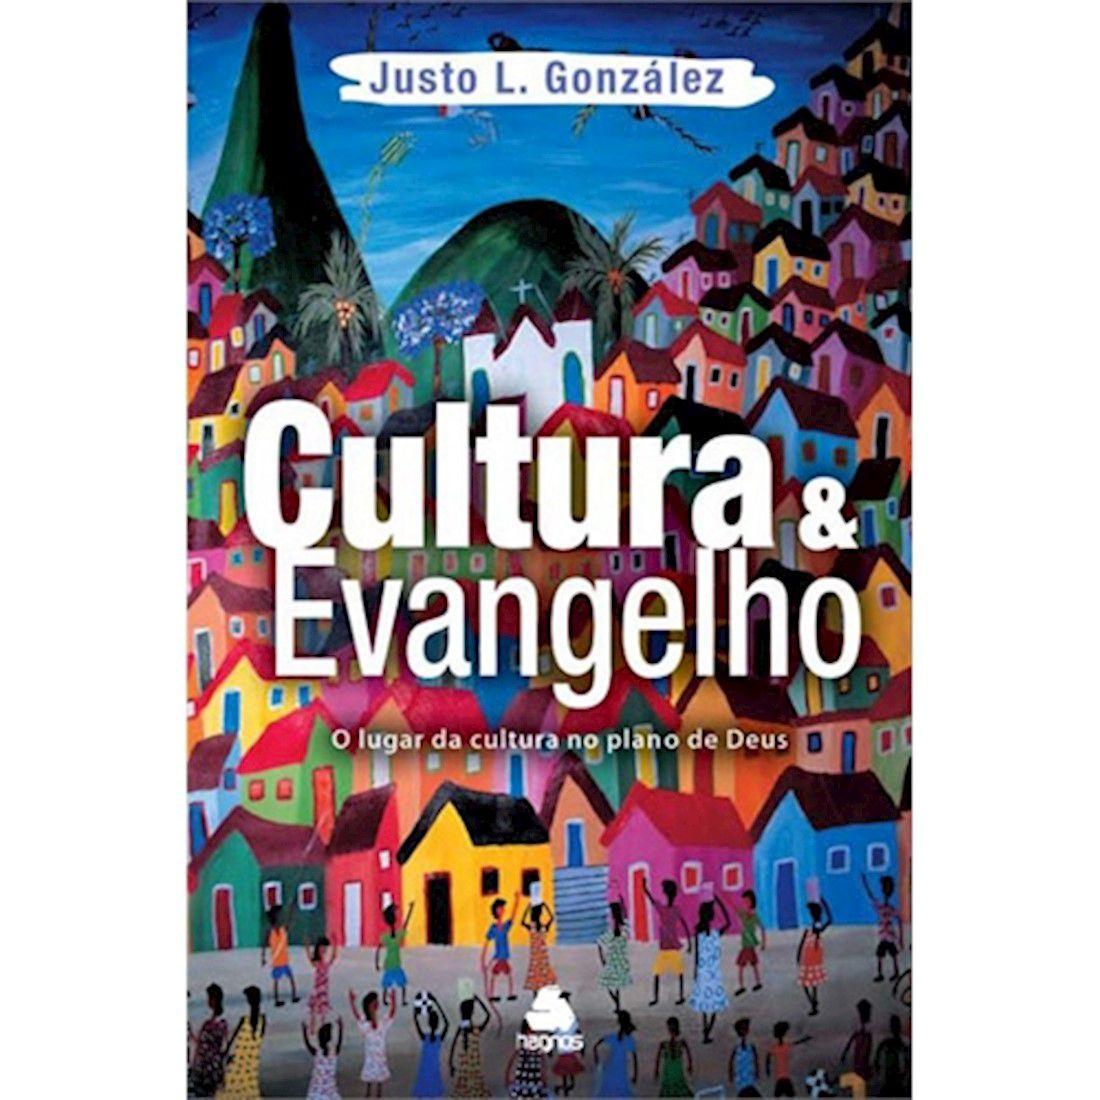 Livro Cultura E Evangelho - O Lugar da Cultura no Plano de Deus